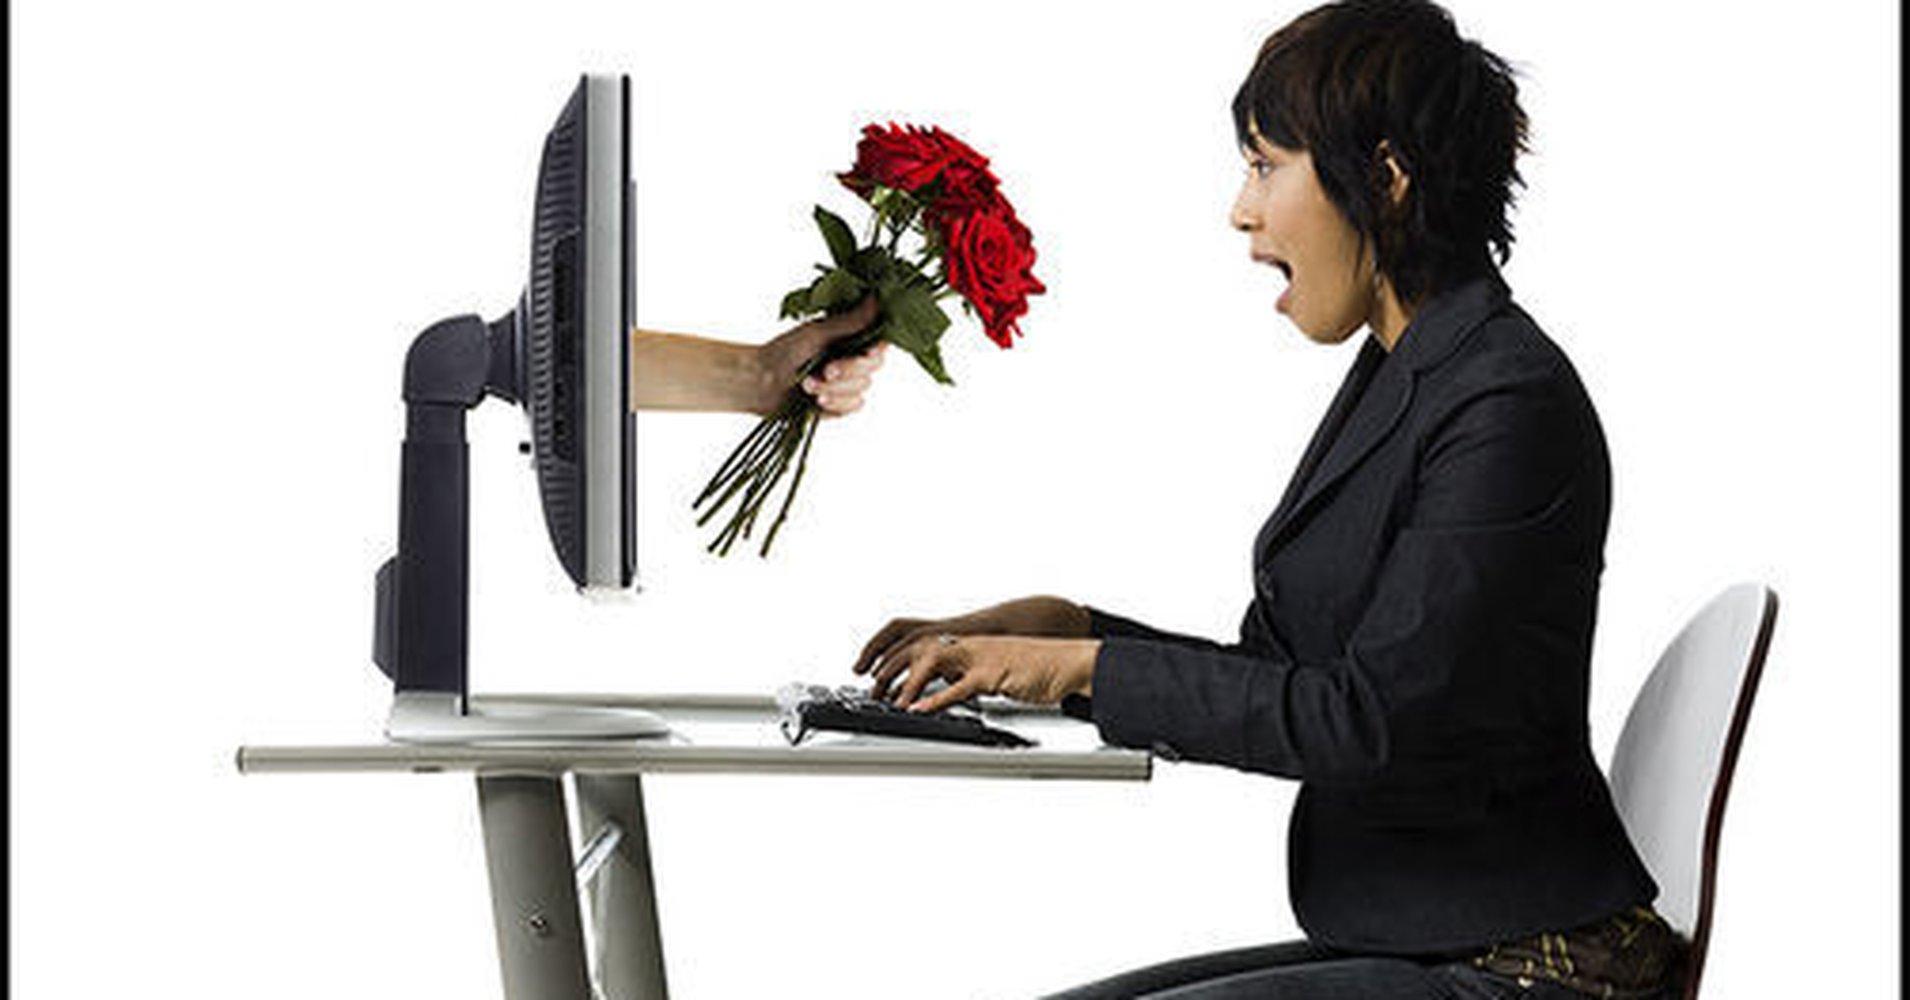 легко ли найти партнера на сайтах знакомств